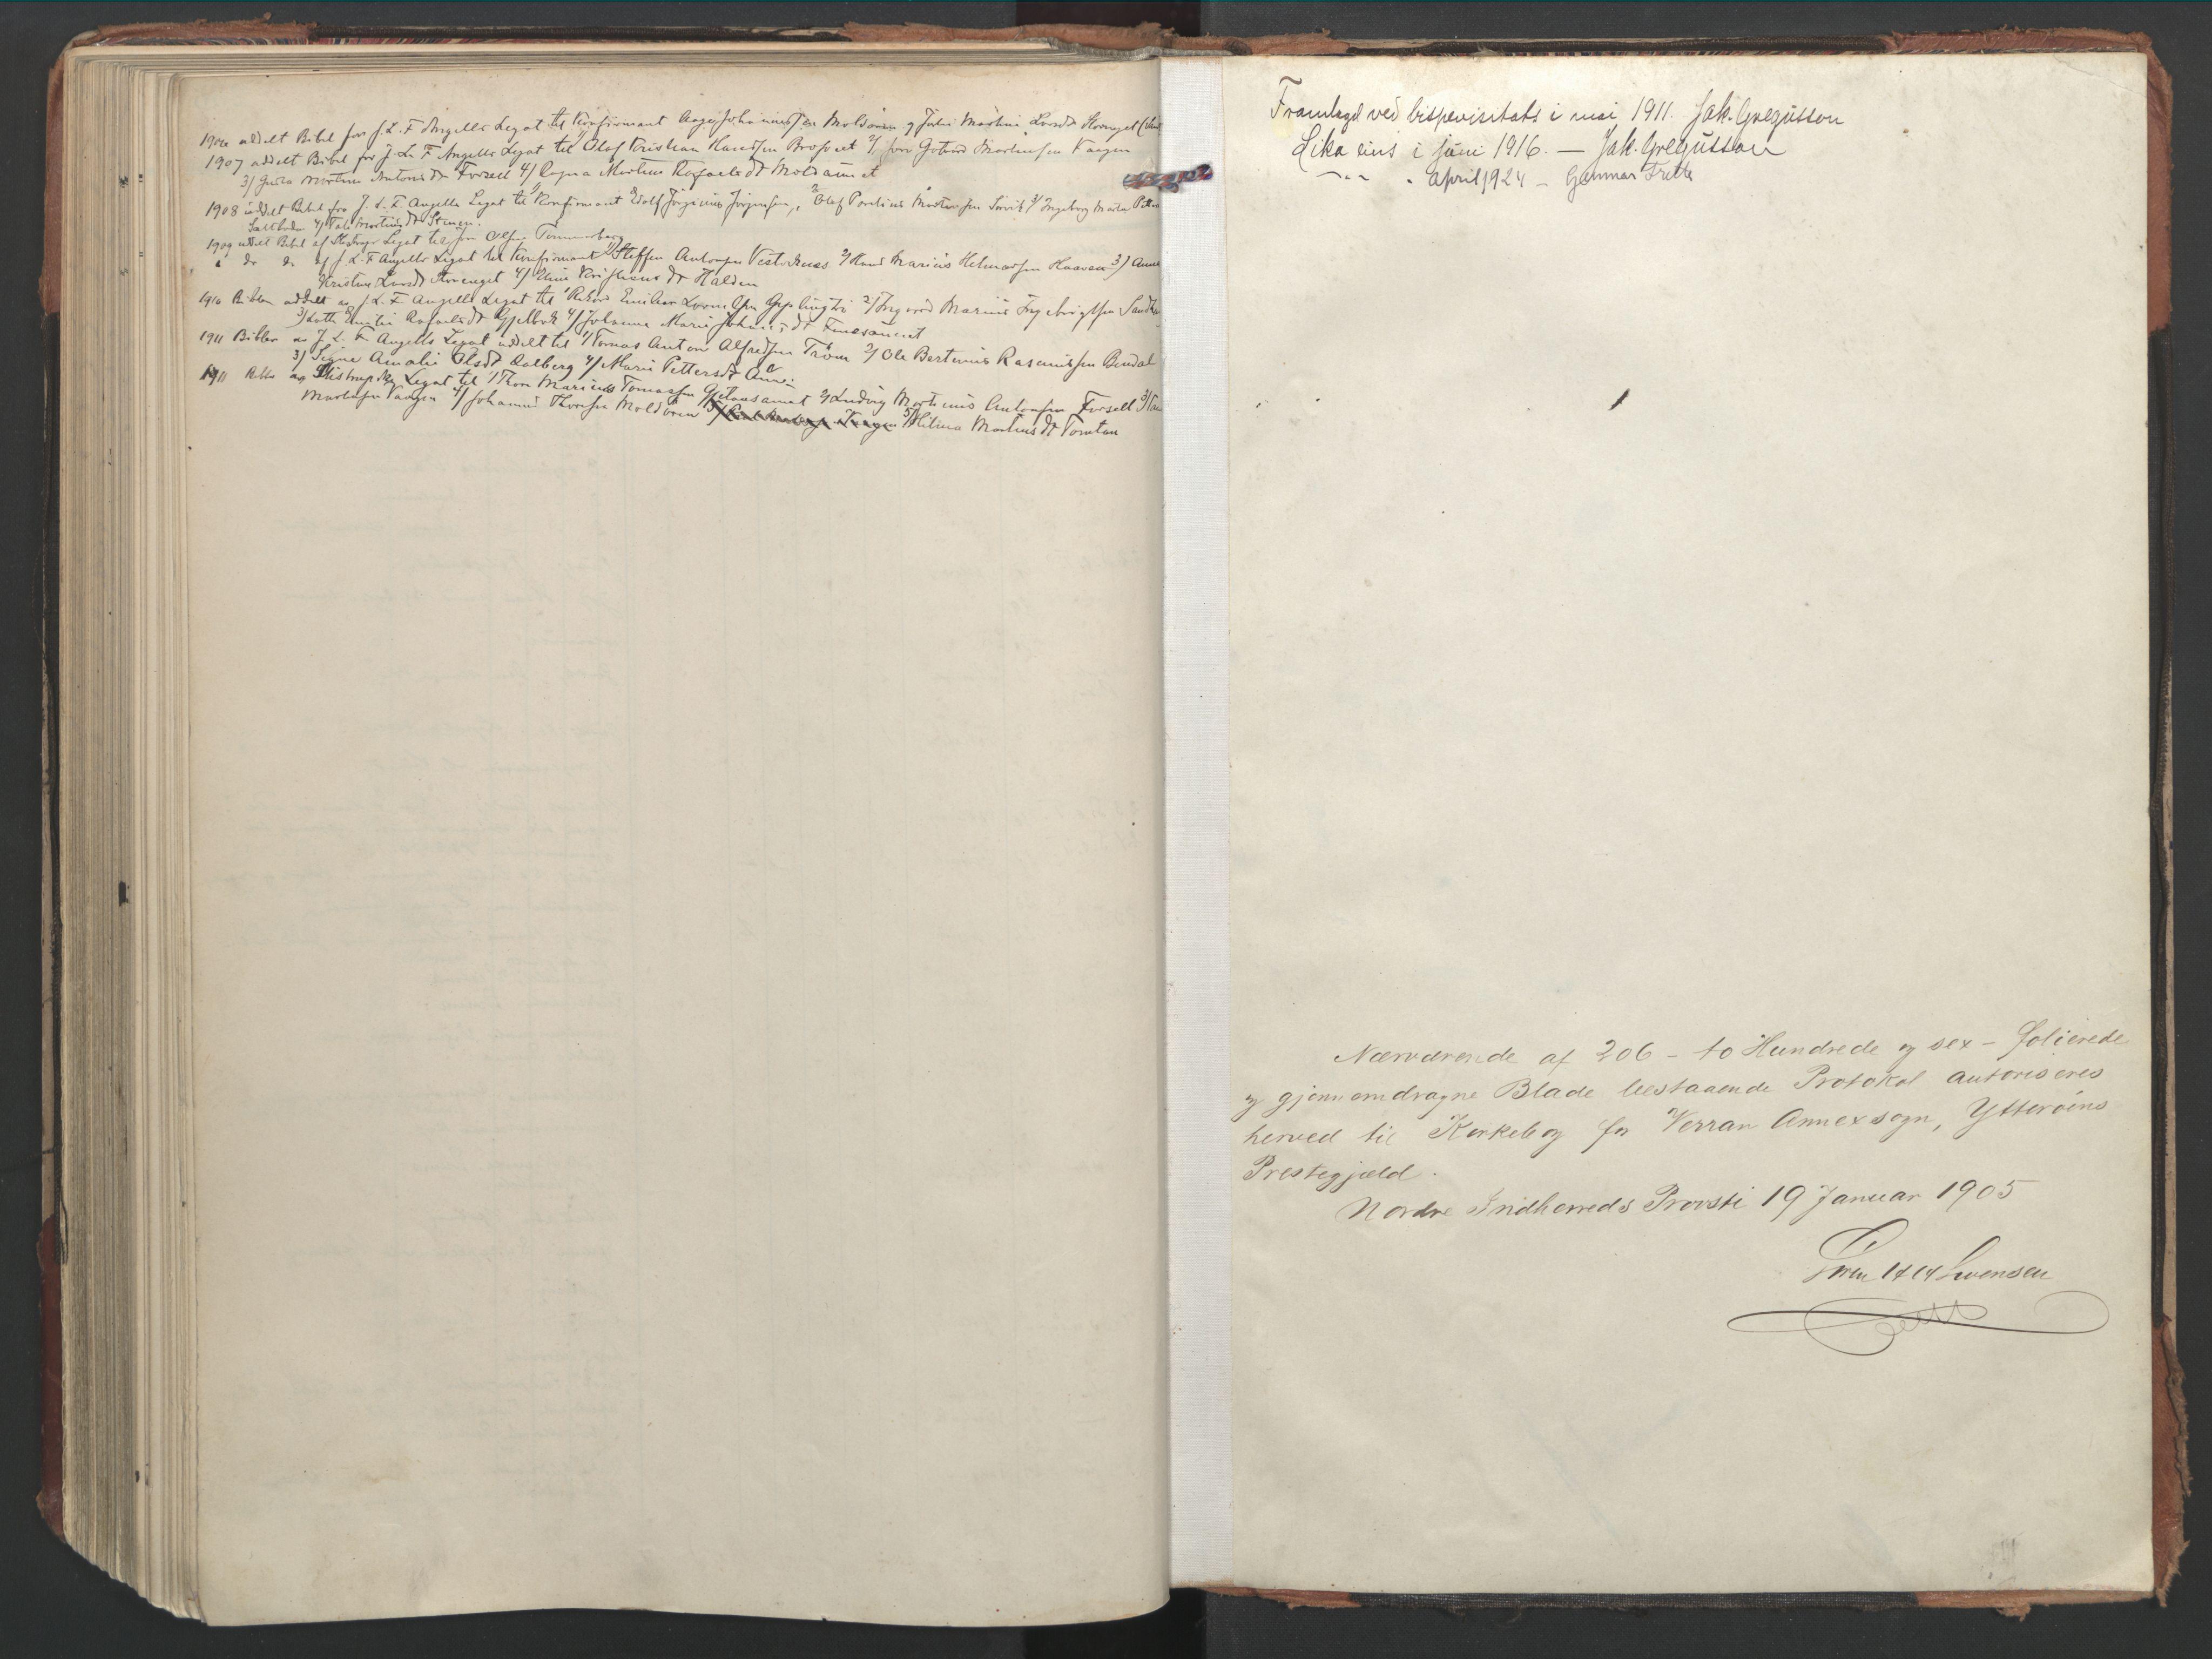 SAT, Ministerialprotokoller, klokkerbøker og fødselsregistre - Nord-Trøndelag, 744/L0421: Ministerialbok nr. 744A05, 1905-1930